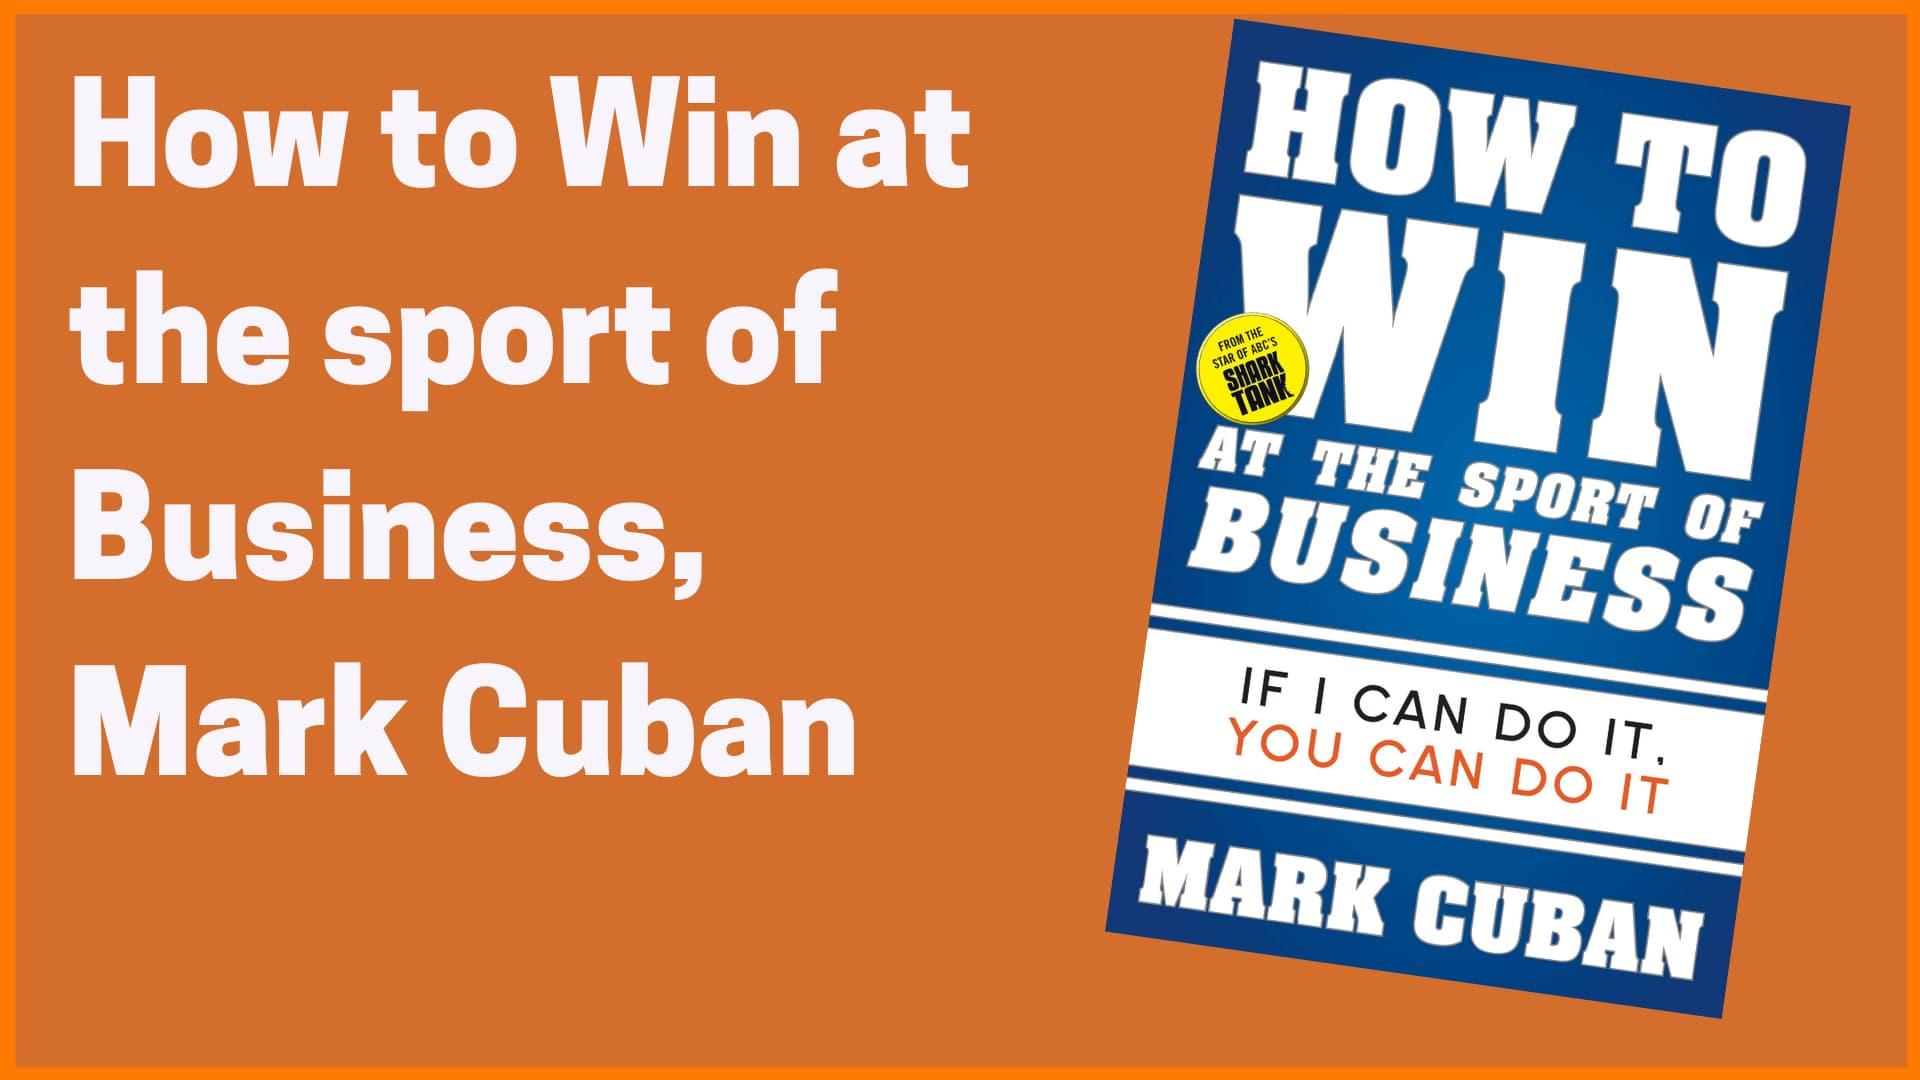 Mark Cuban book